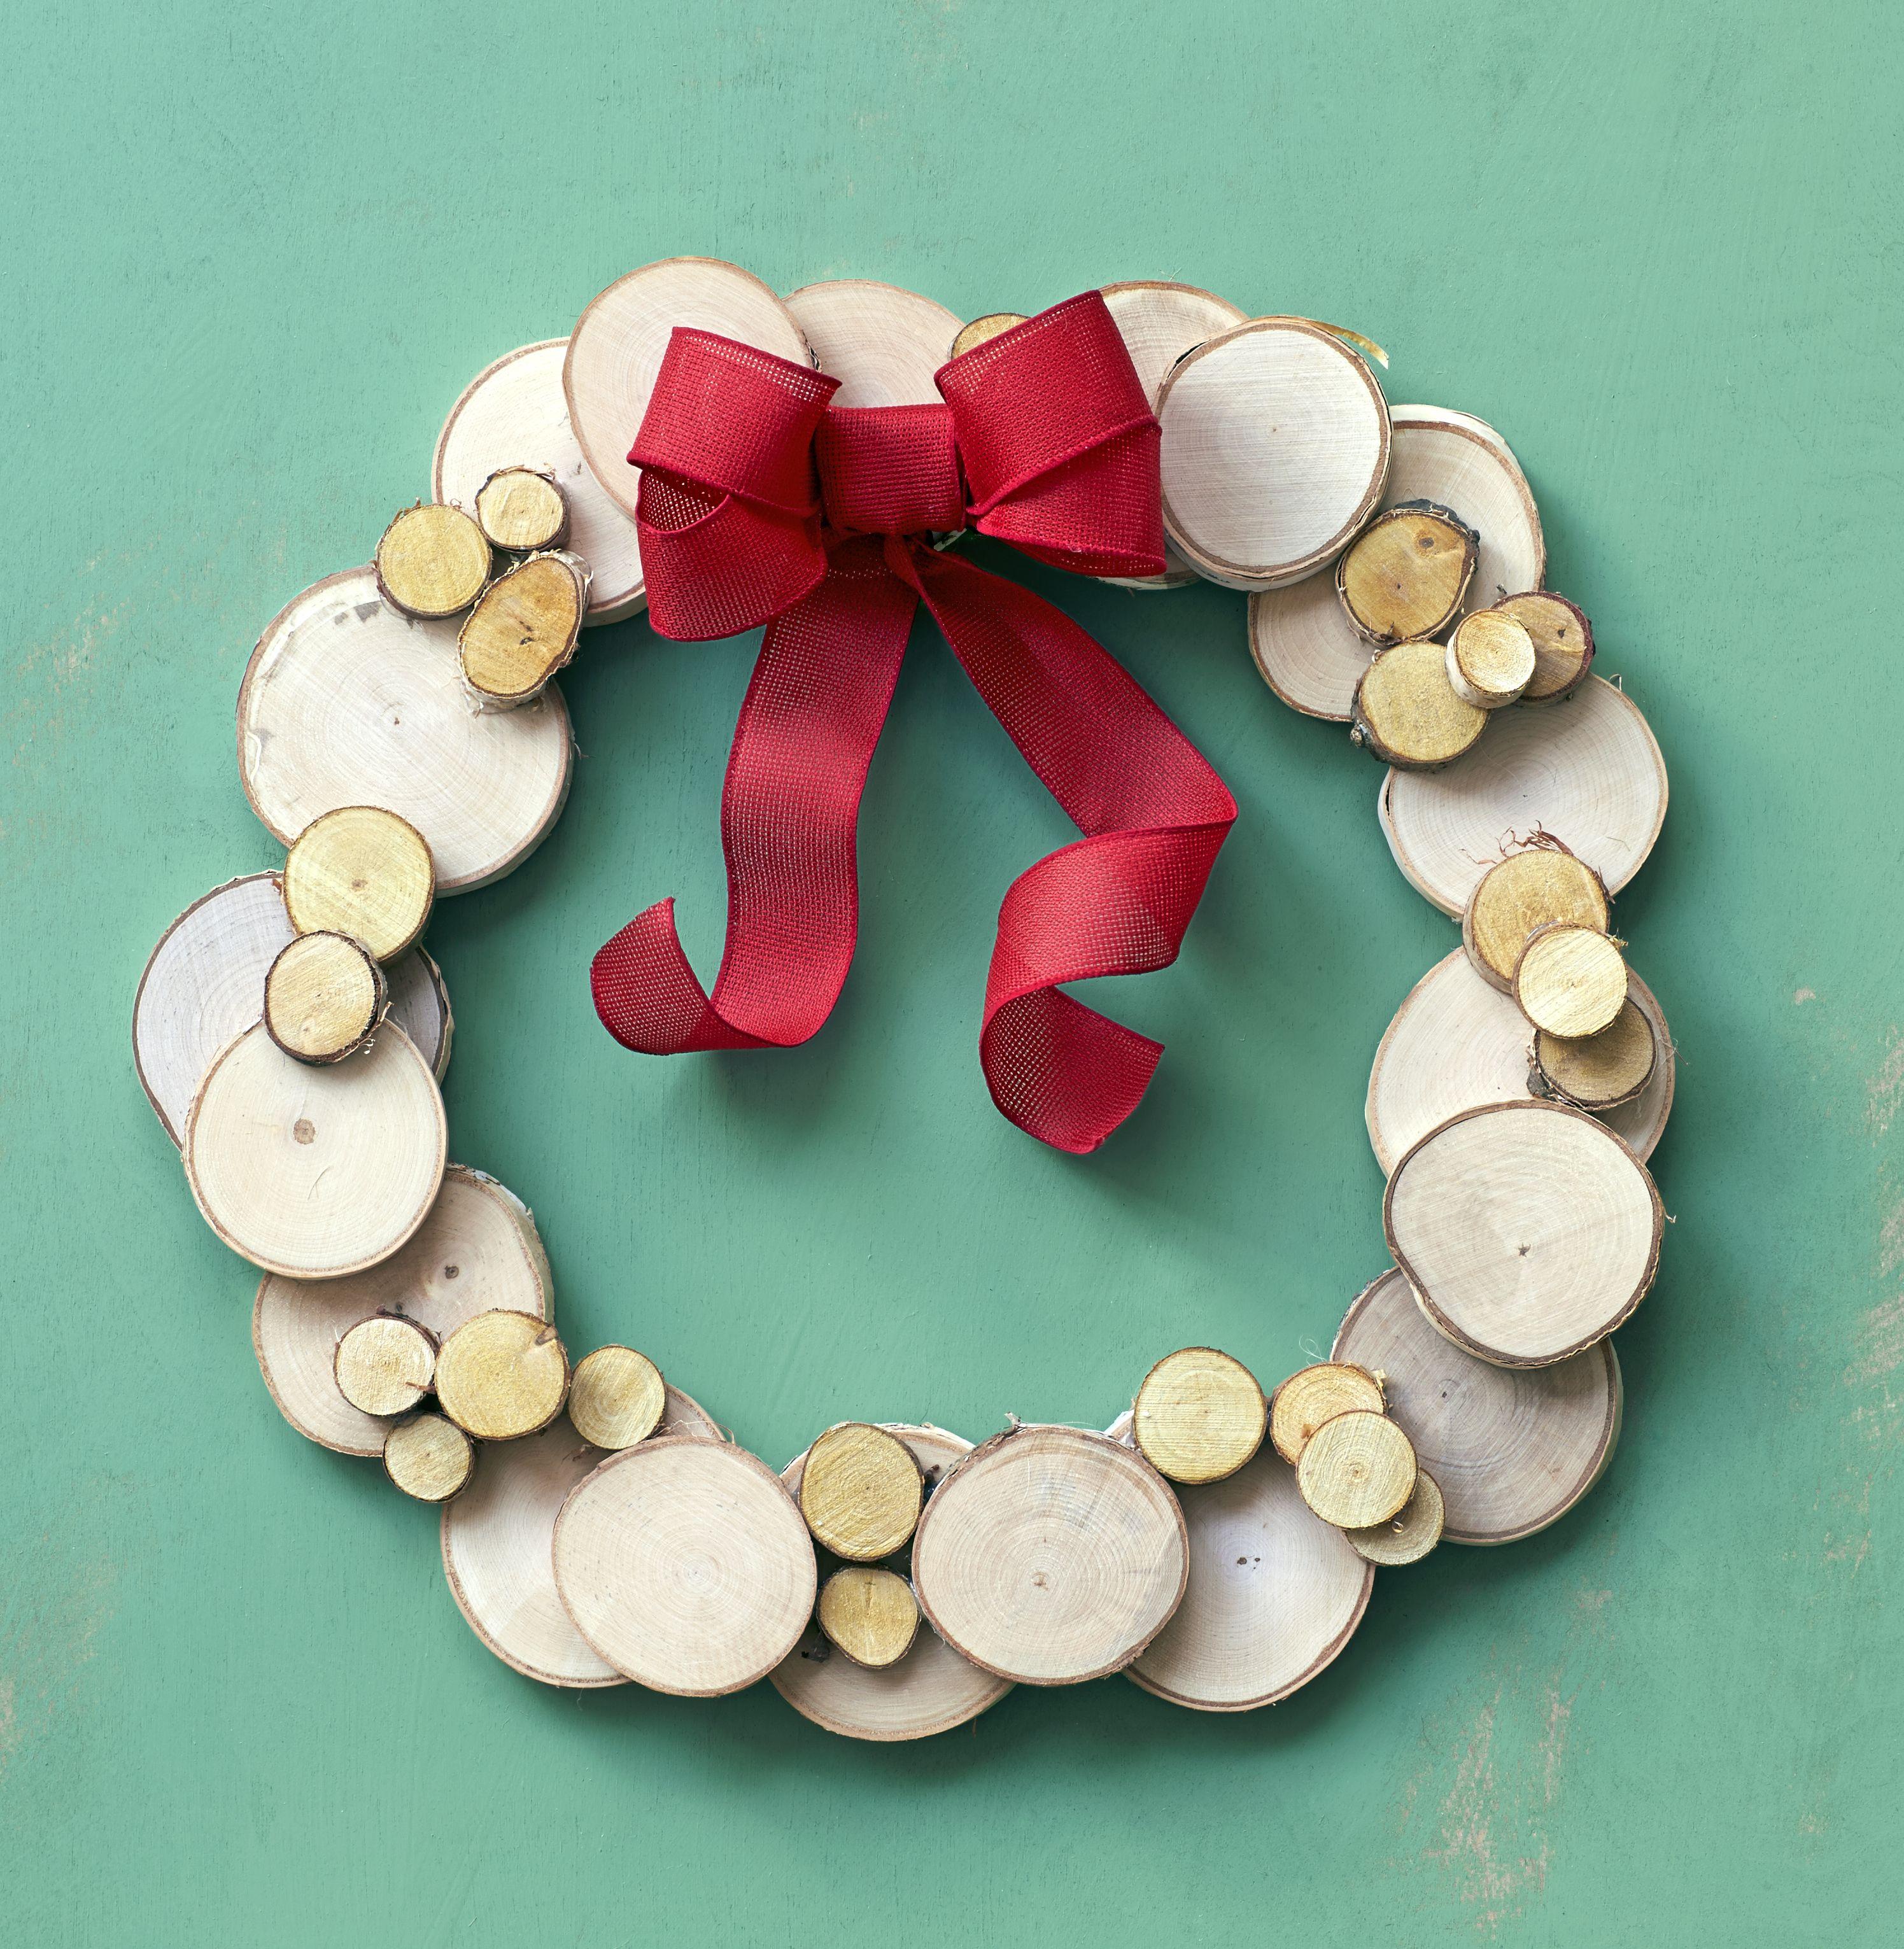 50 festive do it yourself christmas wreath ideas wood wreath 50 festive do it yourself christmas wreath ideas solutioingenieria Images